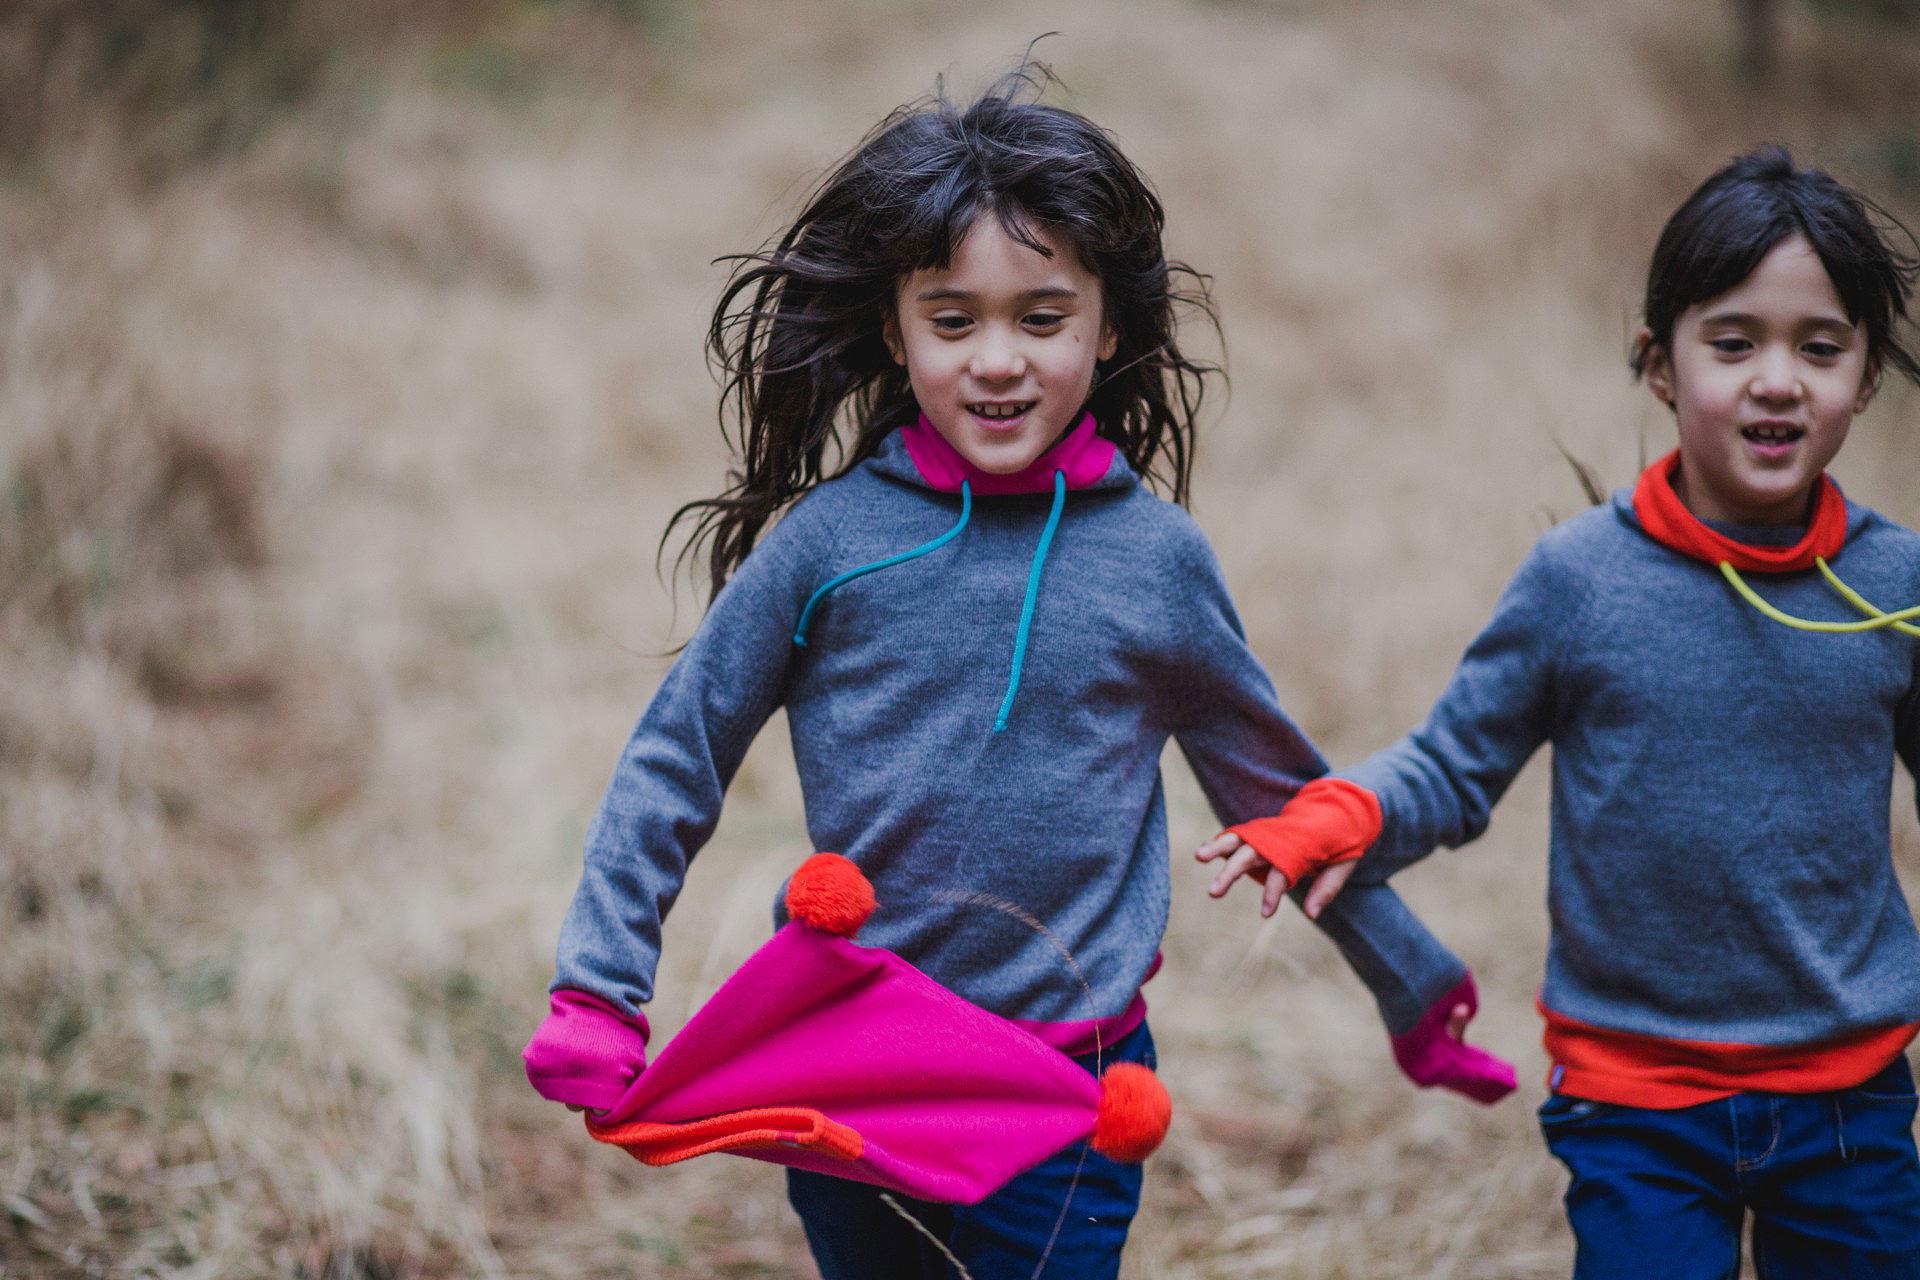 درباره ی لباس کودکان بیشتر بدانید